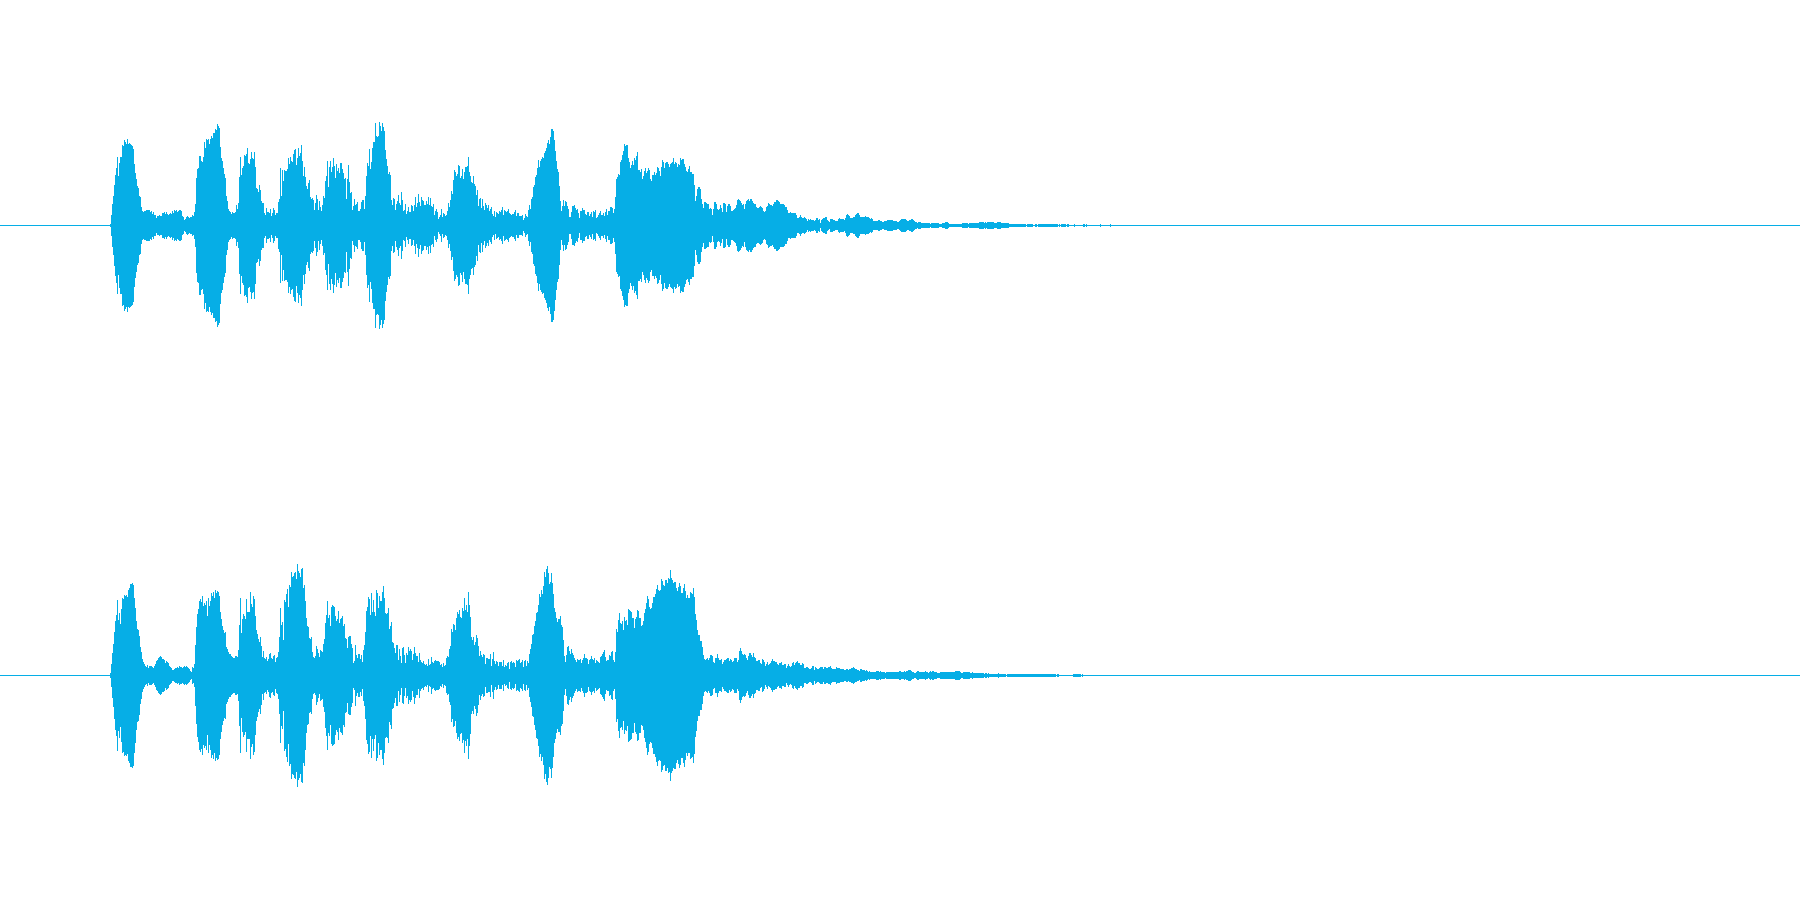 シンプルで軽快なトランペットジングルの再生済みの波形